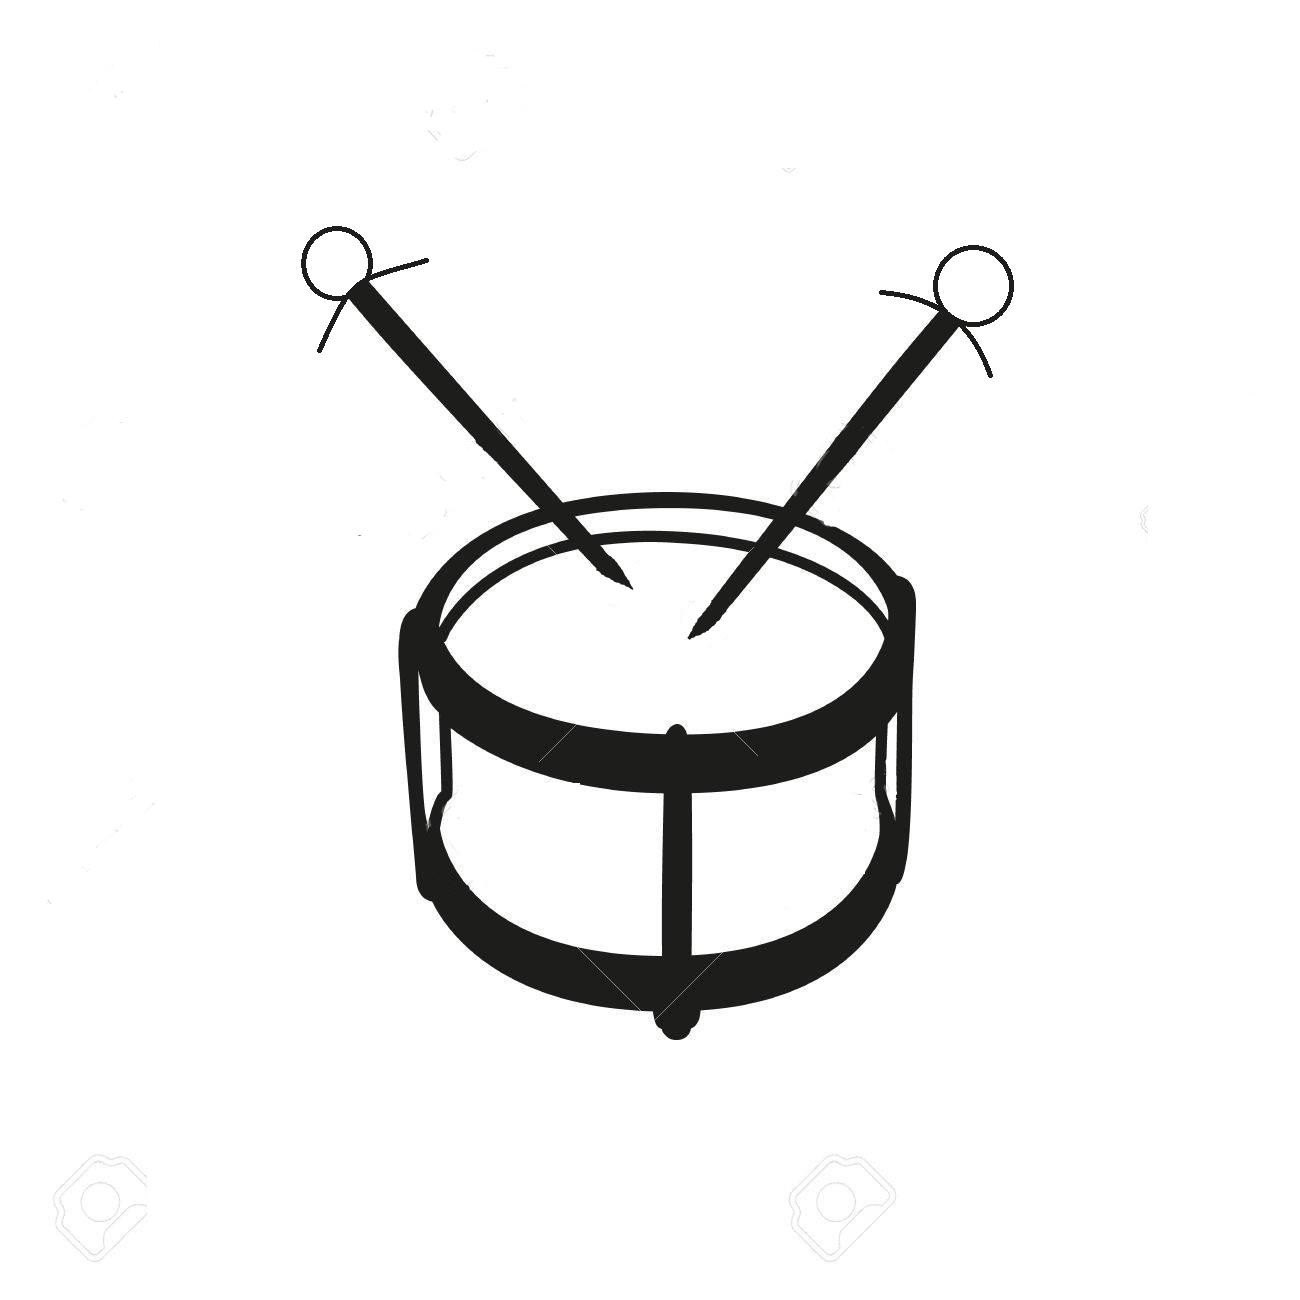 Jalder_Symbol.png